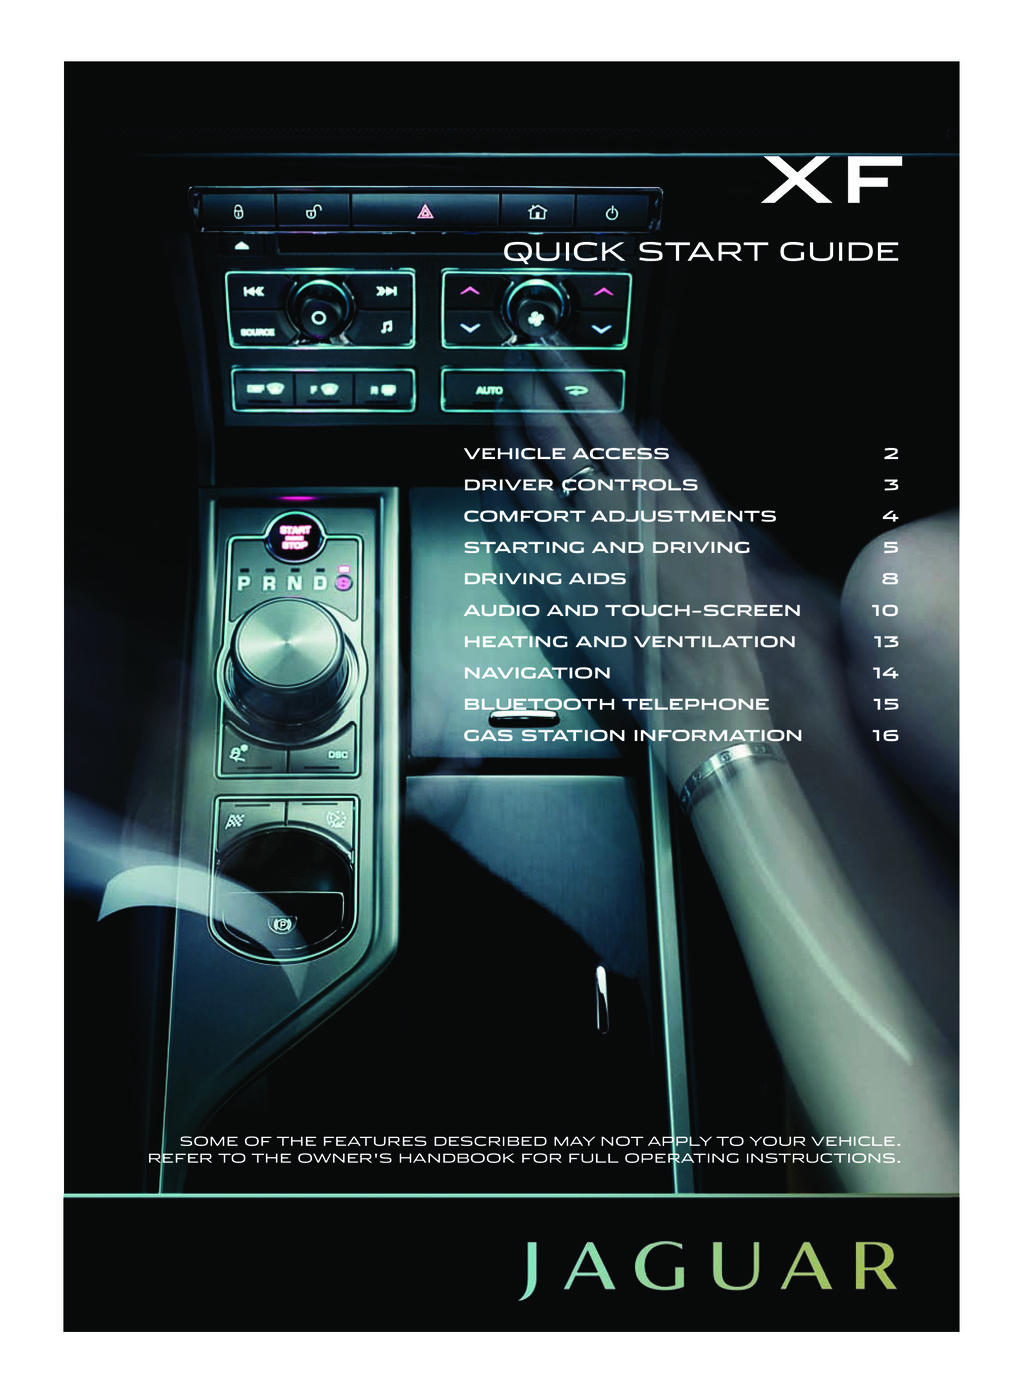 2011 Jaguar Xf owners manual